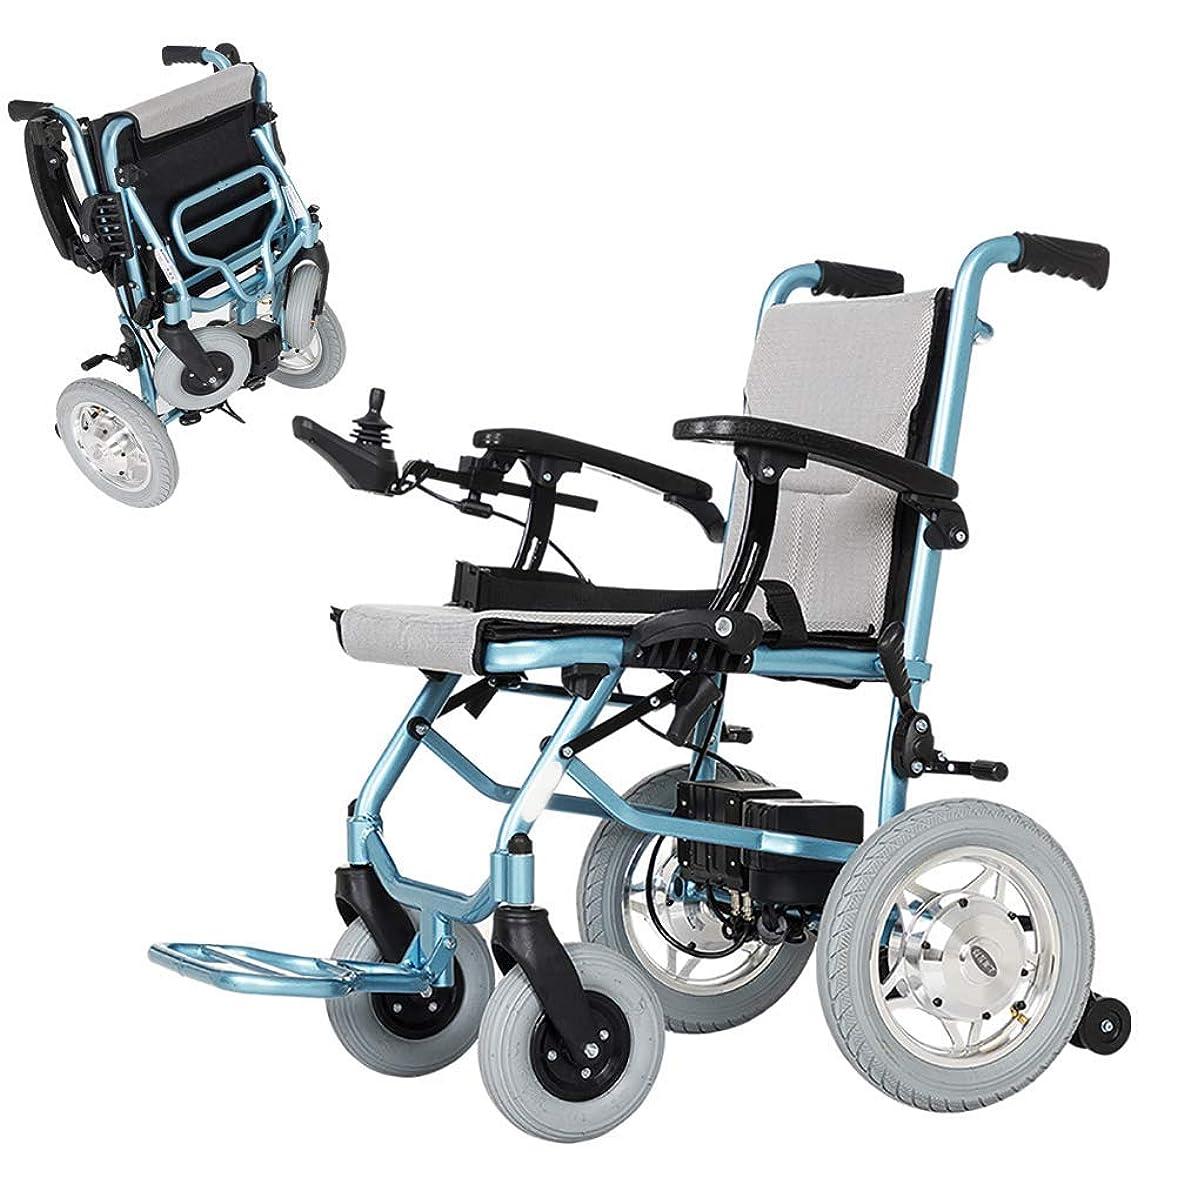 職業嵐が丘光景良質の電動車椅子、電動または手動車椅子デュアルコントロールシステムで折りたたみ、平面上にあることができ、高齢者、障害者、右手に適しています